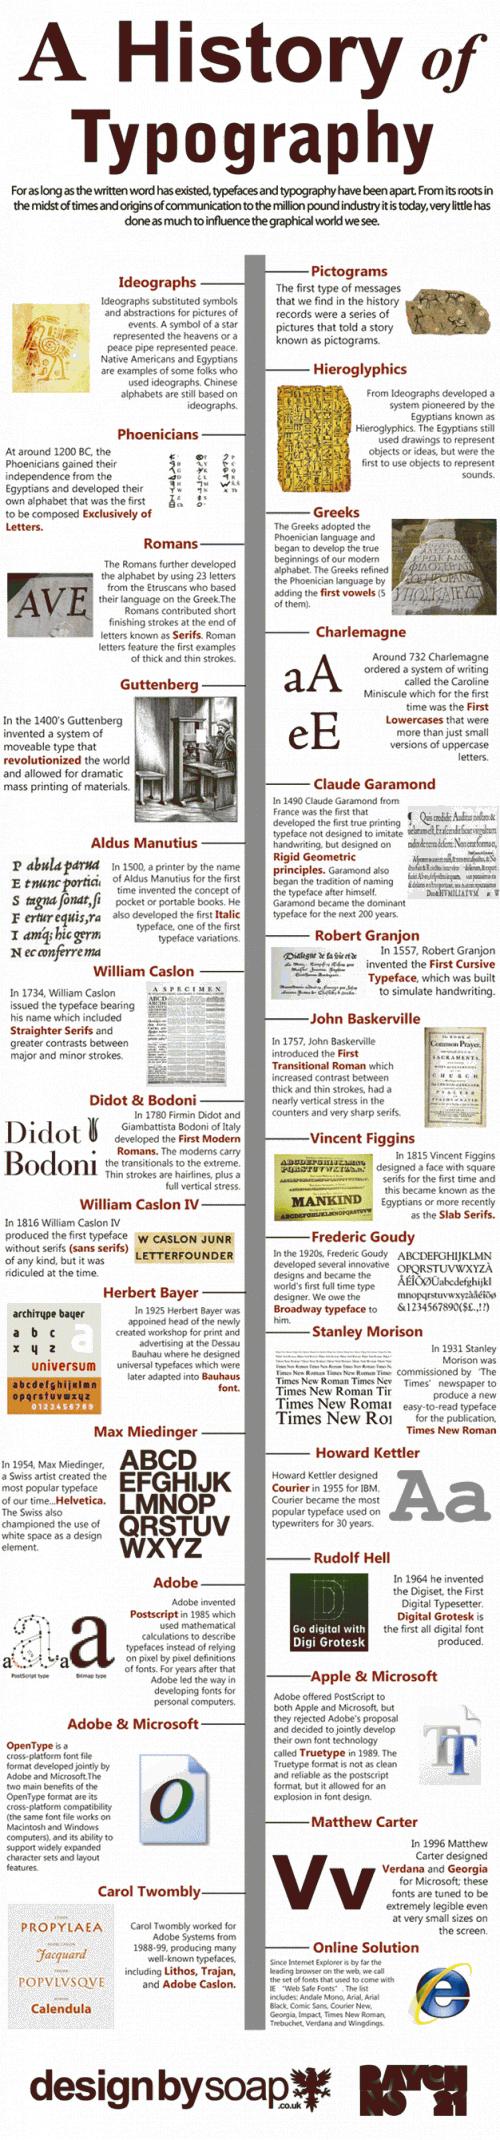 Histoire-typographie-infographie-500x2140